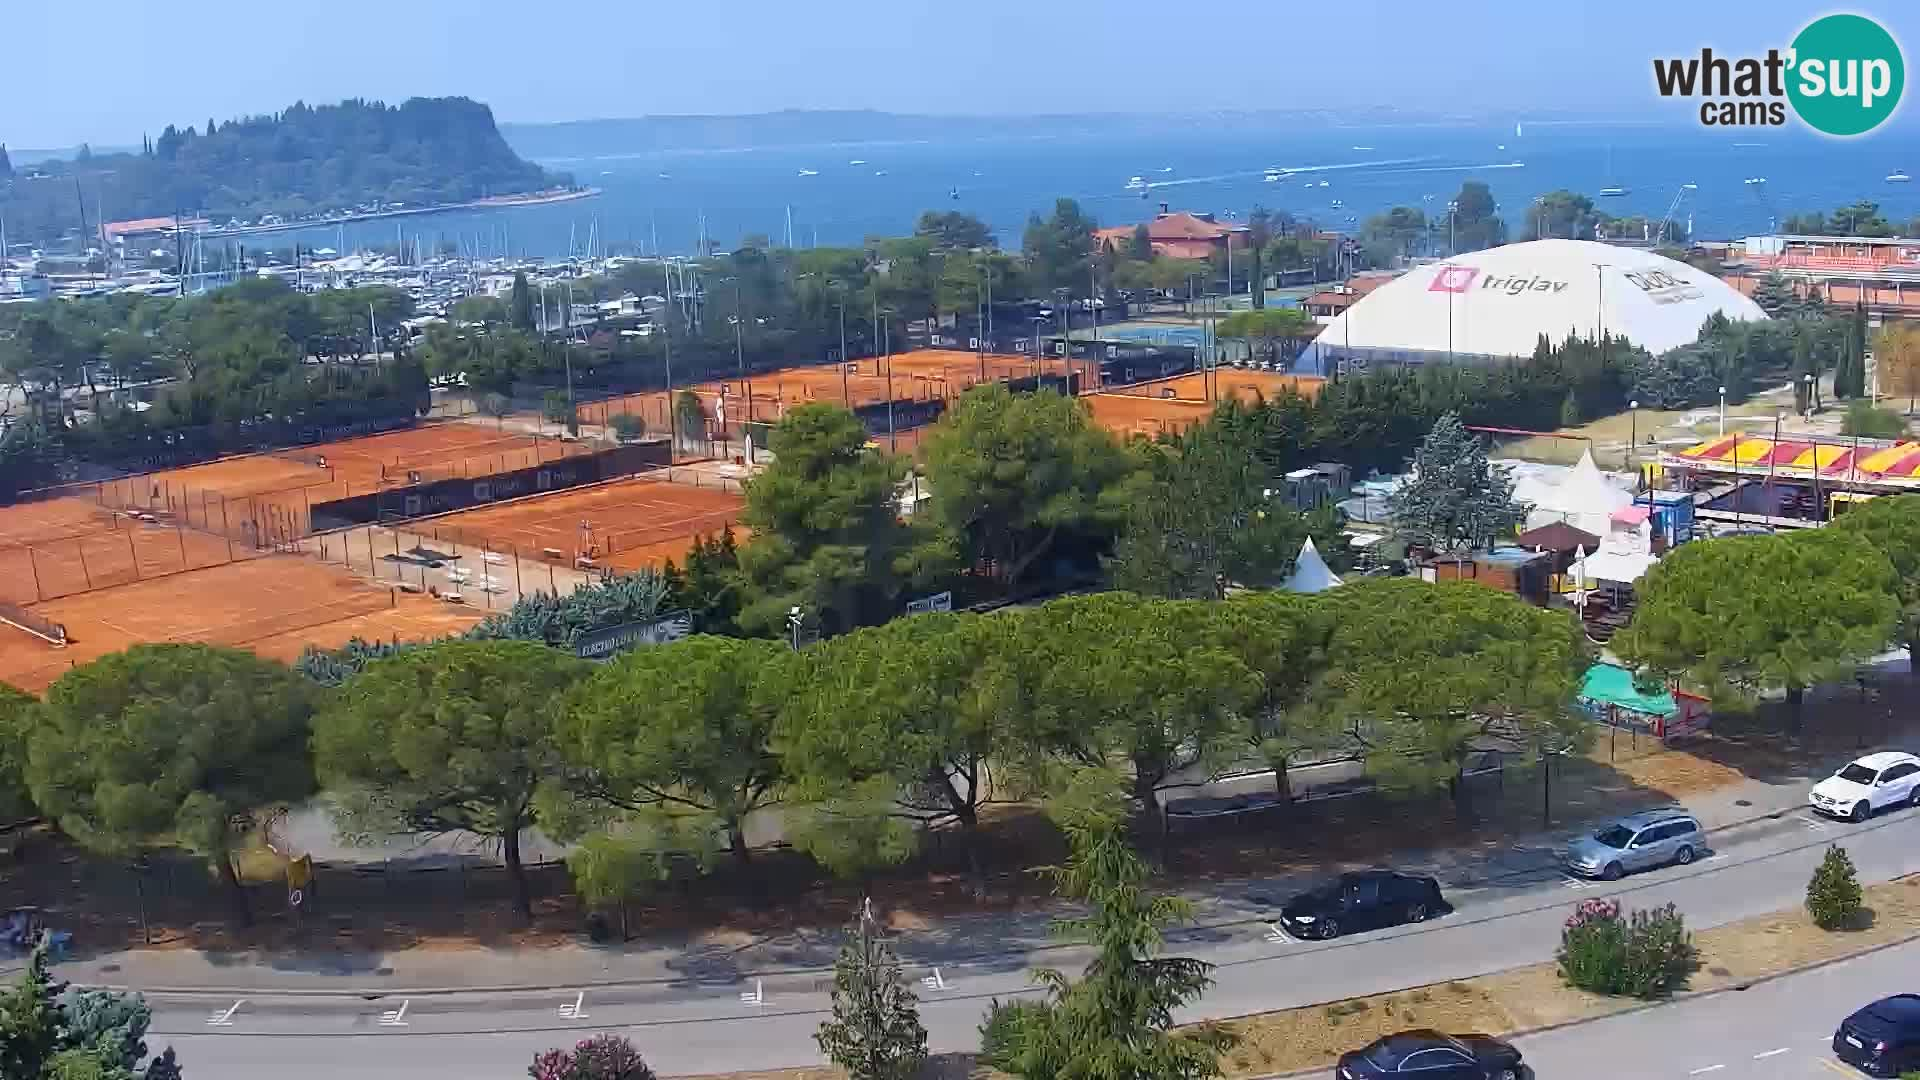 Portorož spletna kamera – pogled na marino in teniška igrišča